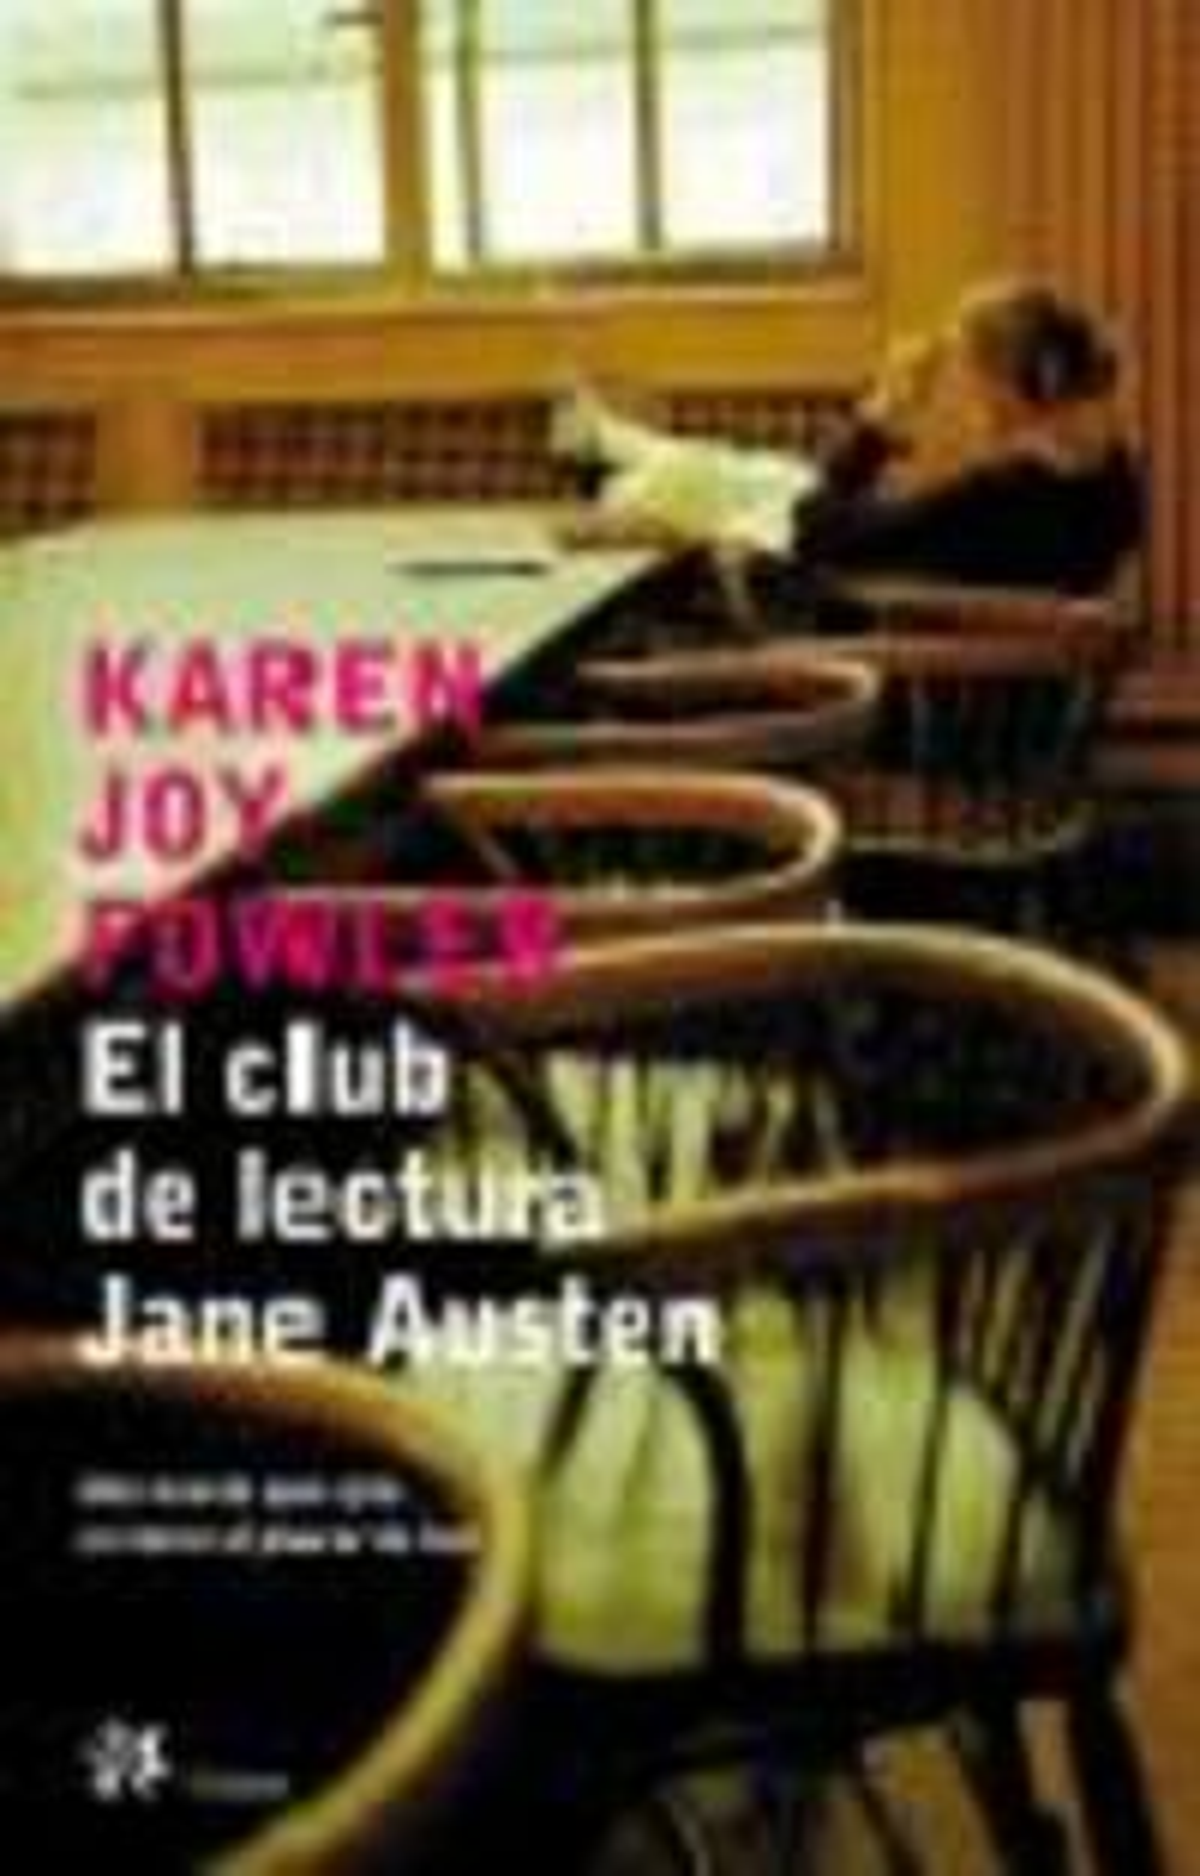 El club de lectura Jane Austen 9788476696897